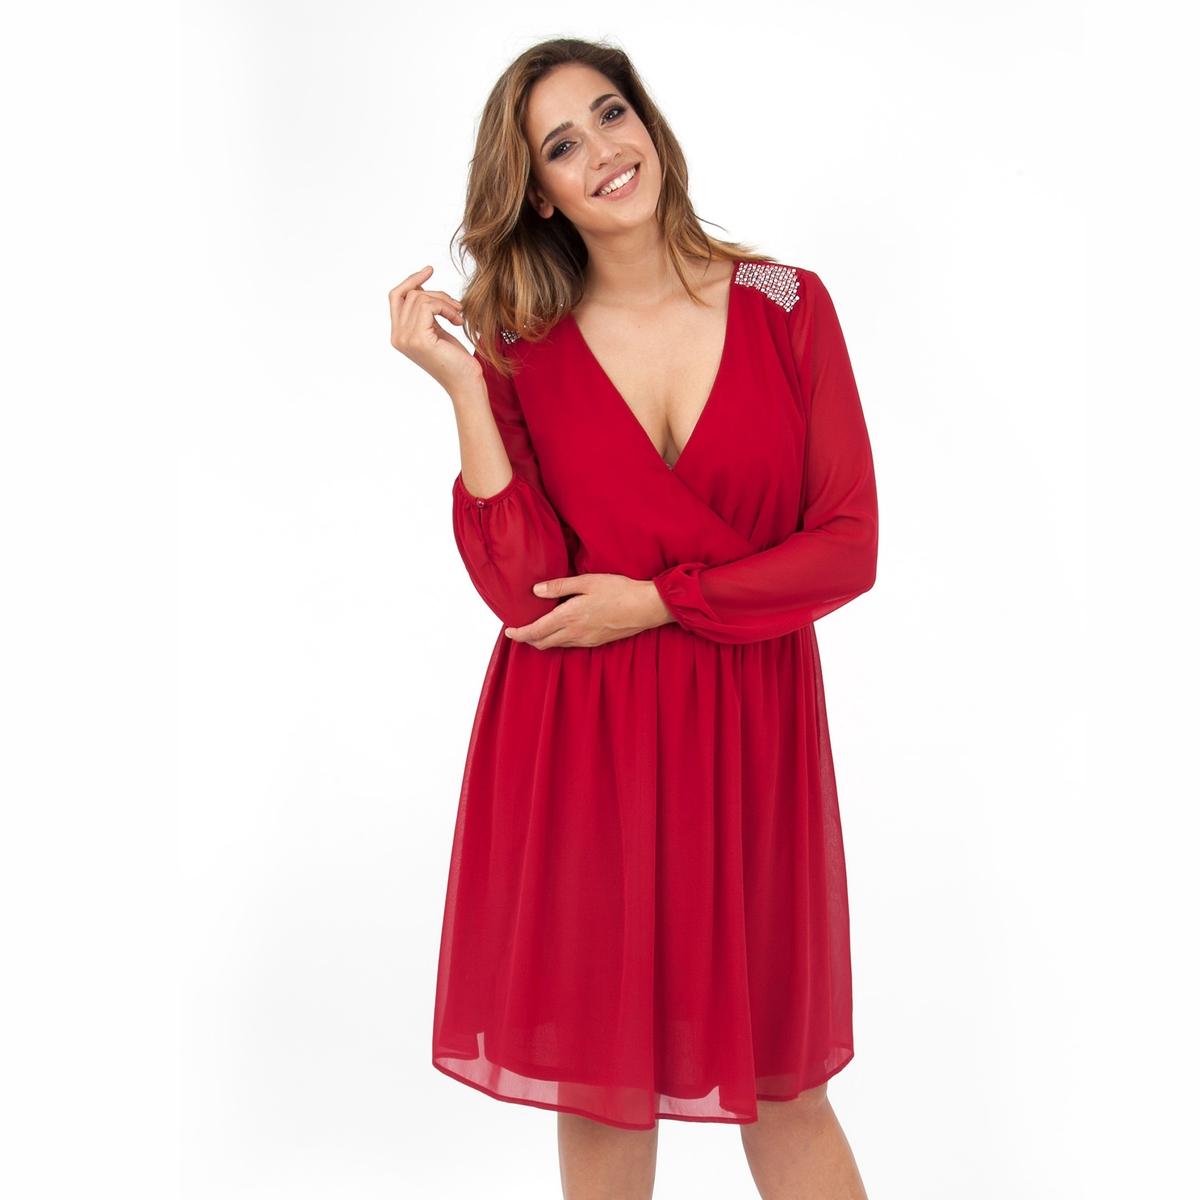 ПлатьеПлатье с длинными рукавами - LOVEDROBE. Область плеча расшита бисером. Платье притягательного красного цвета с красивым вырезом декольте. Длина ок.104 см. 100% полиэстера.<br><br>Цвет: бордовый<br>Размер: 48 (FR) - 54 (RUS)